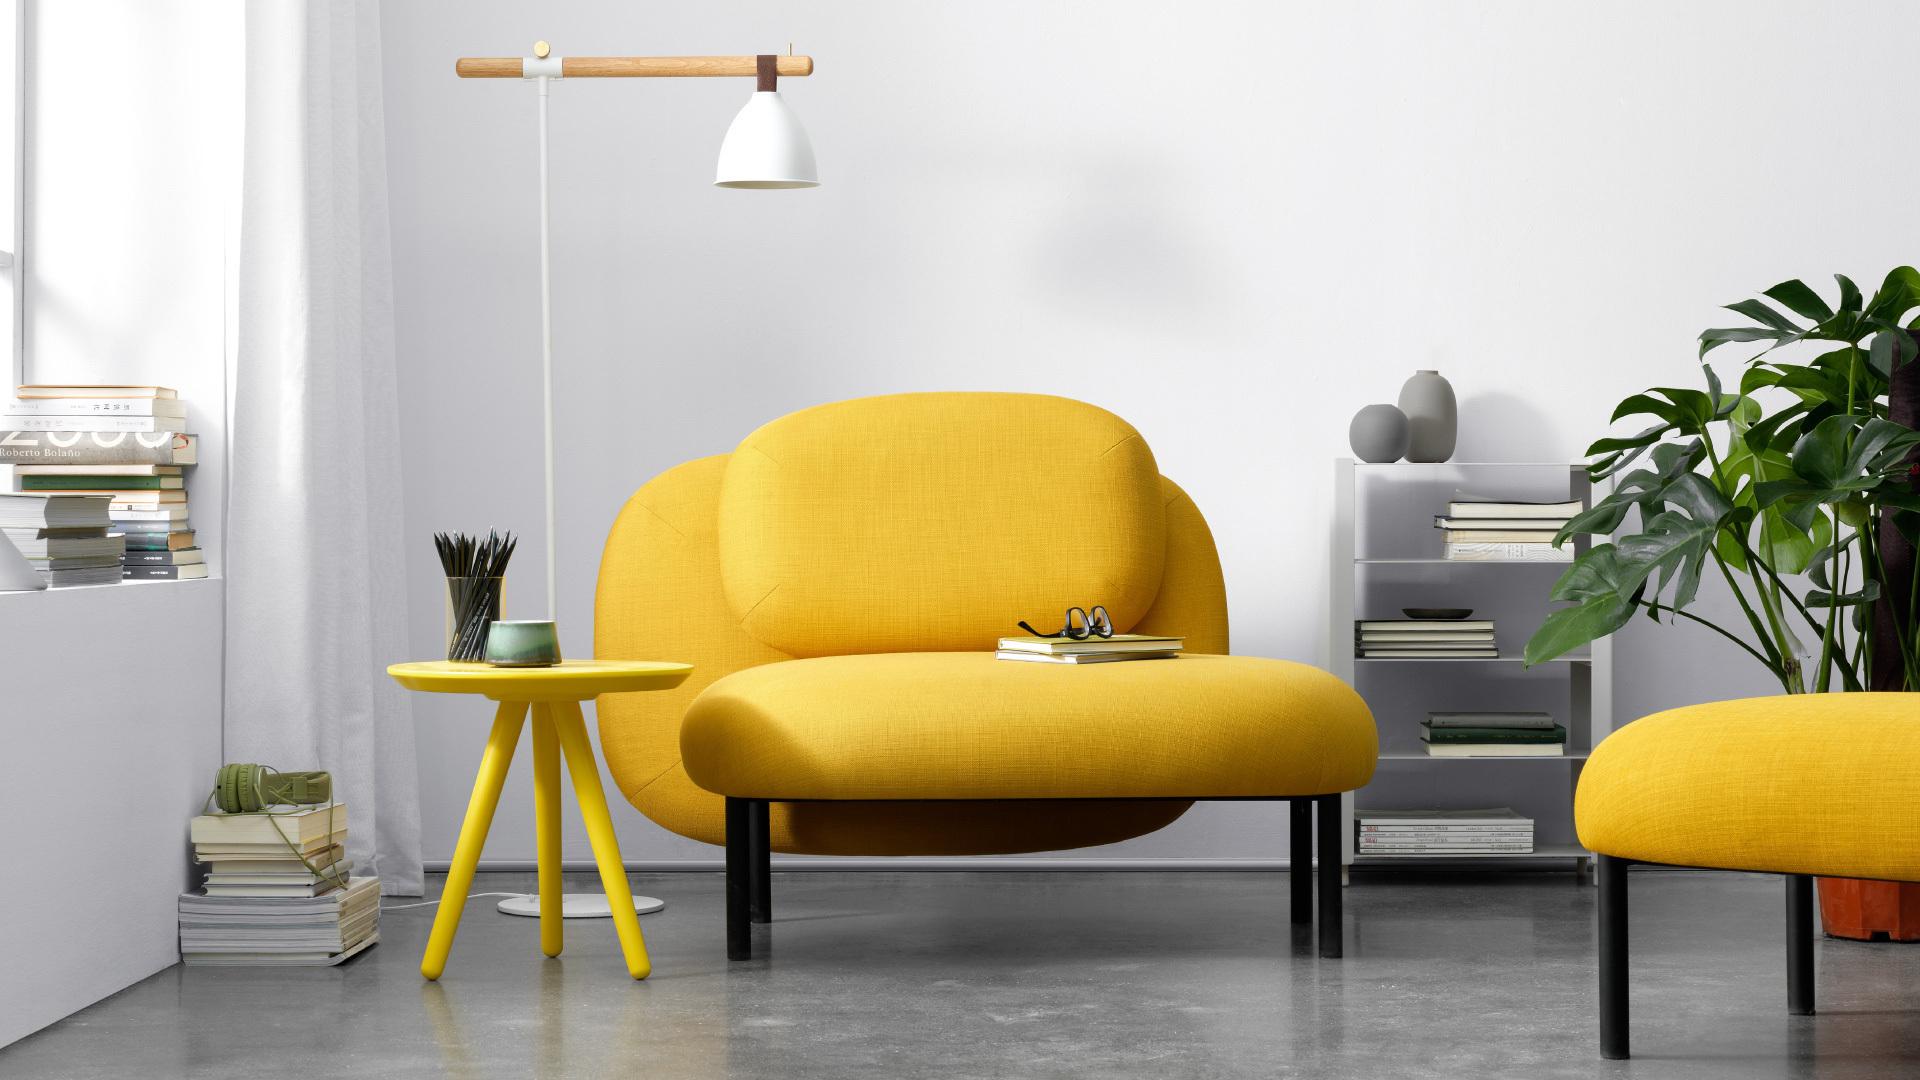 单人沙发,宽大舒适,方便盘坐或是倚靠。选择与客厅同款的单人沙发,契合整体家装,达到美学平衡。